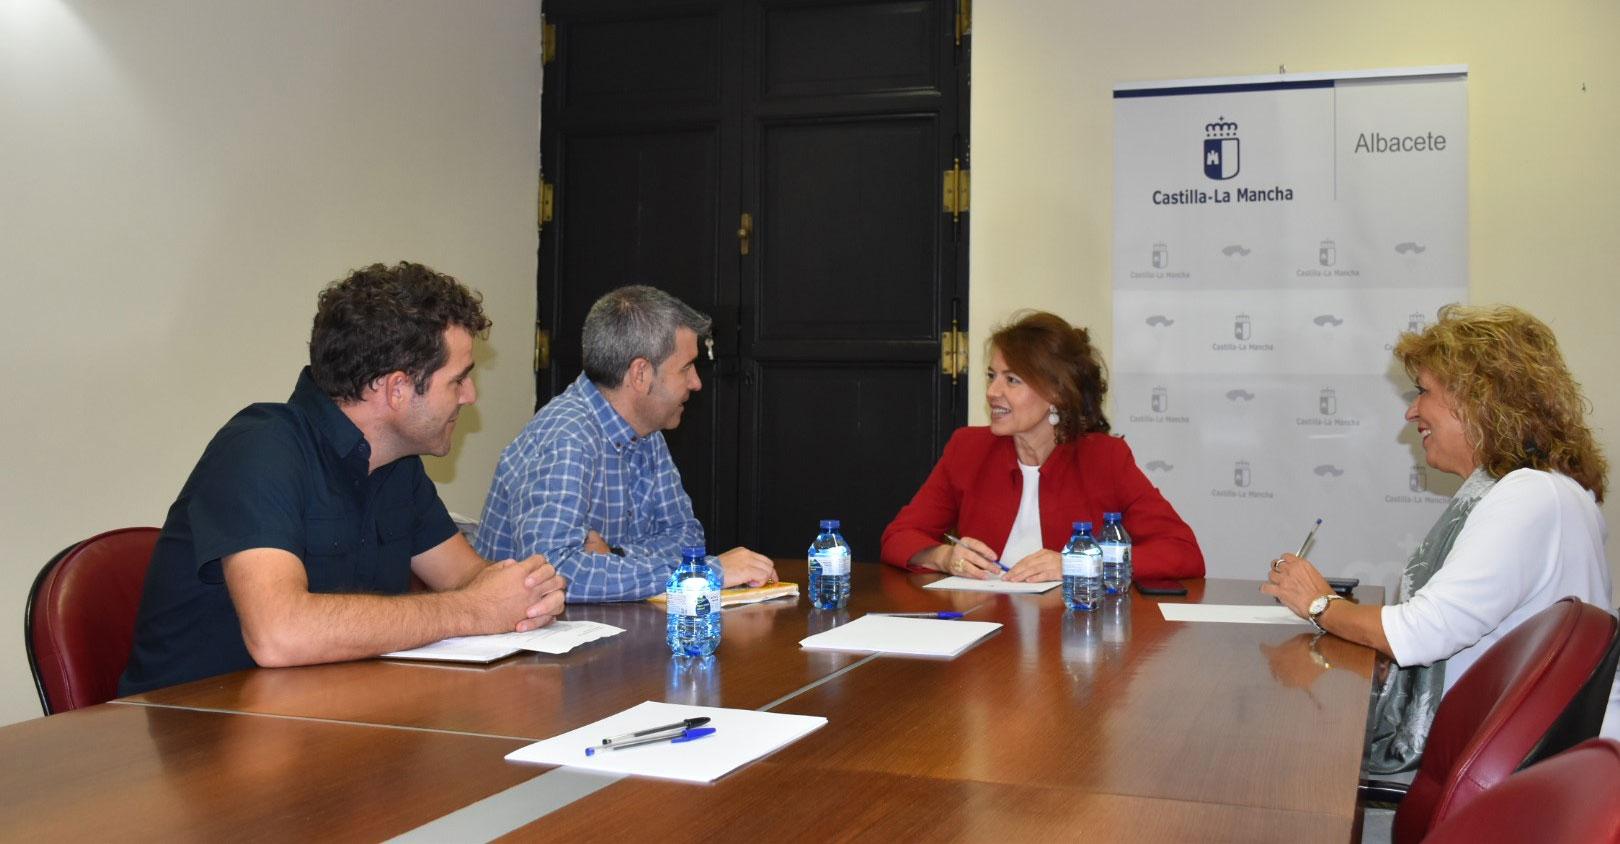 La Consejería de Bienestar Social ha comenzado una ronda de encuentros con los Colegios Profesionales de Castilla-La Mancha